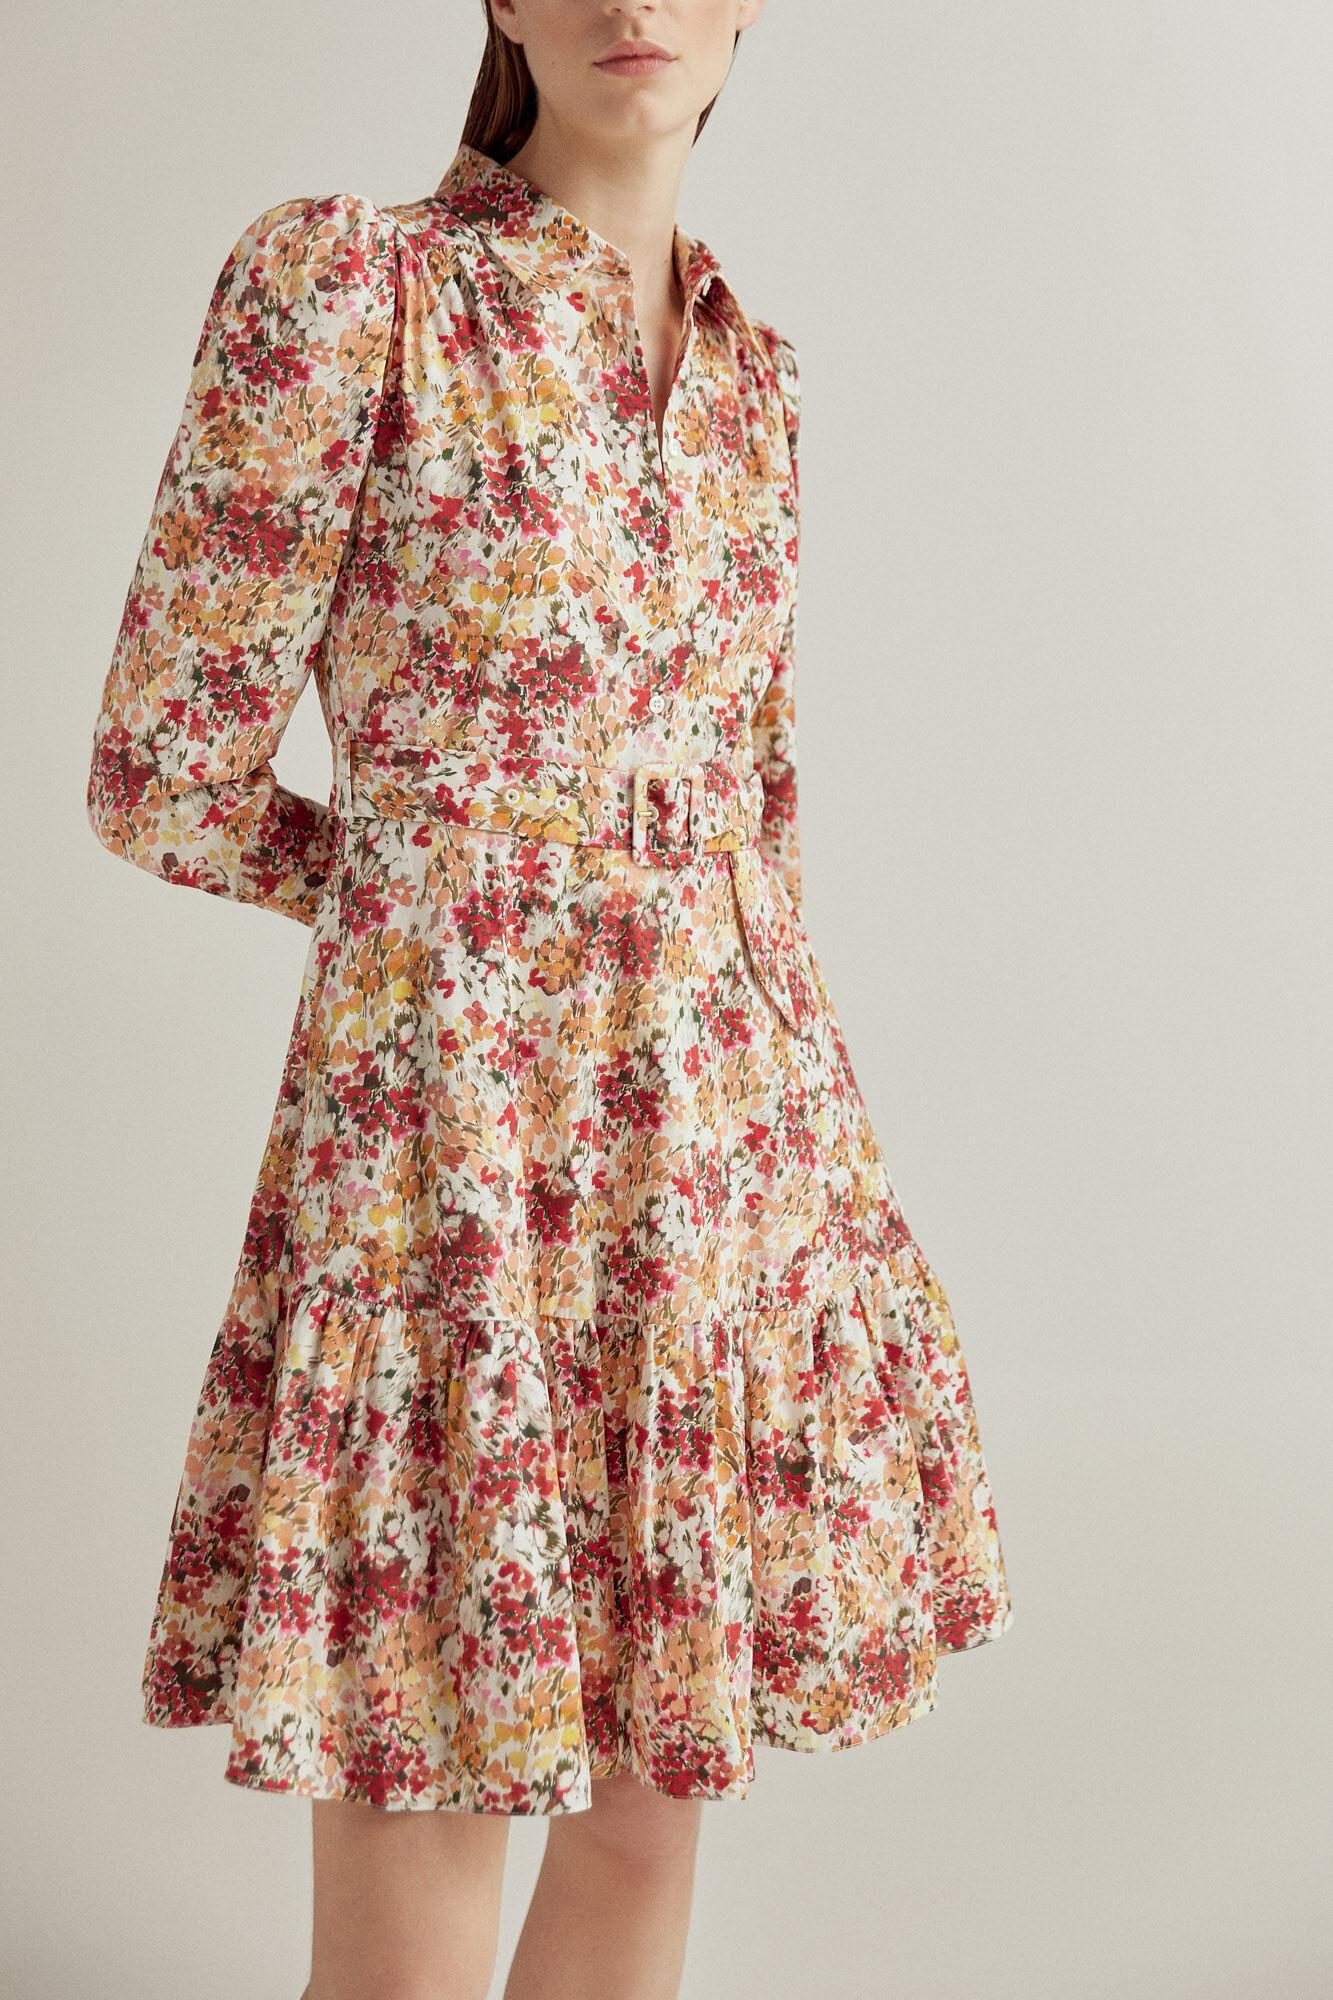 Vestido estampado en algodón orgánico de flores